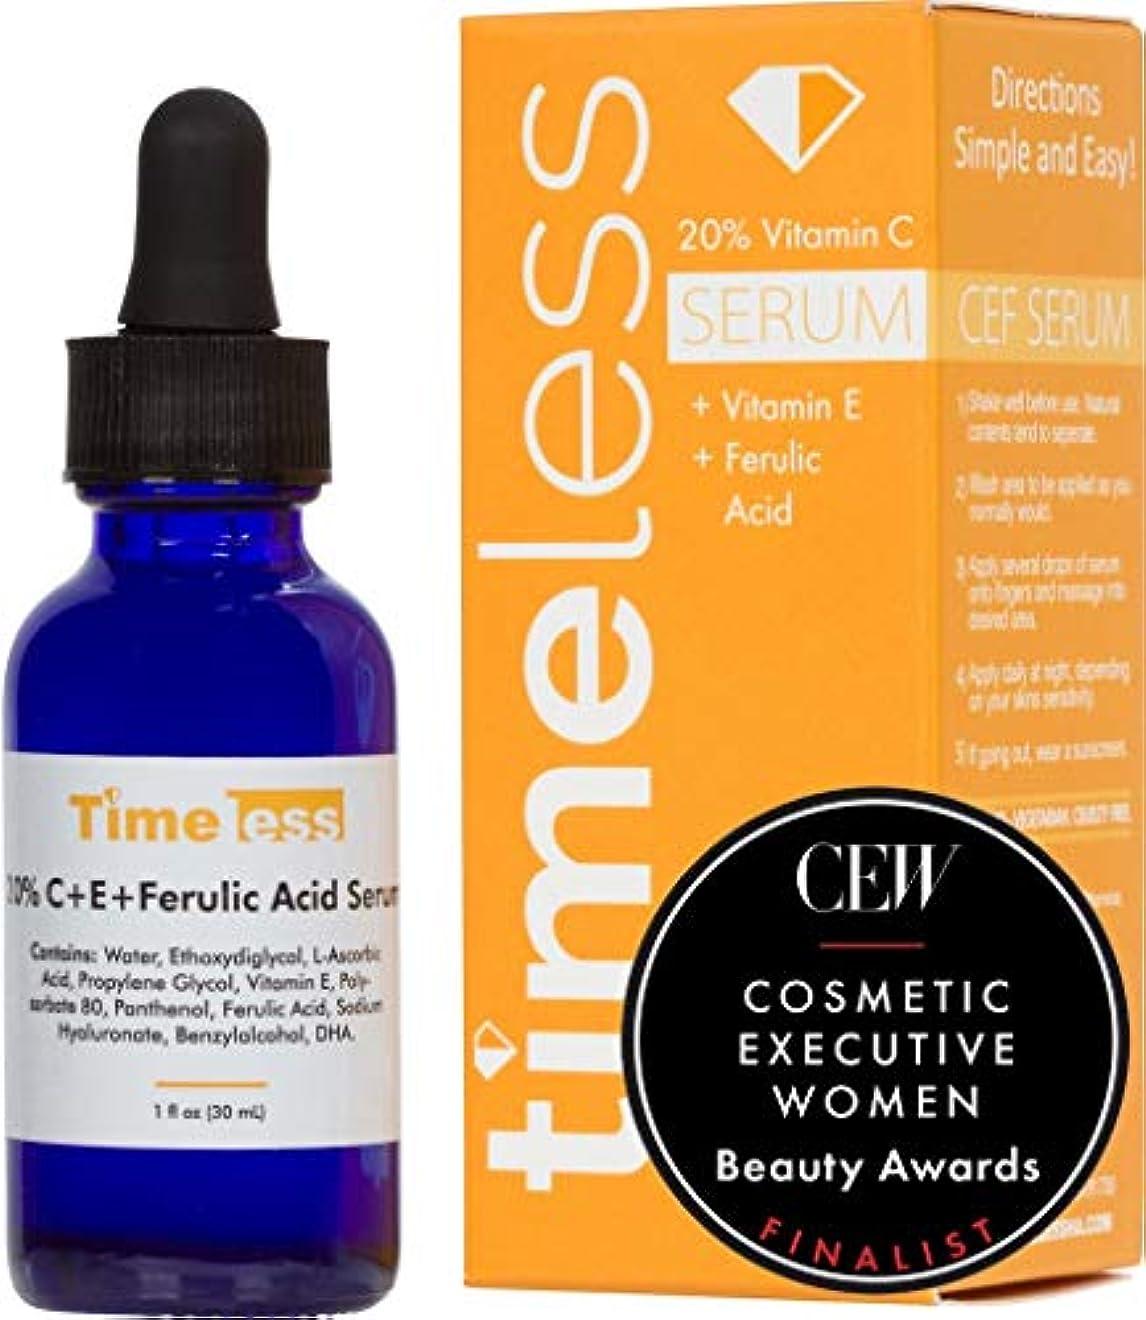 ベアリング雄弁な着替えるTimeless Skin Care 20% Vitamin C + E Ferulic Acid Serum 30ml /1oz - Sealed & Fresh Guaranteed! Dispatch from the UK